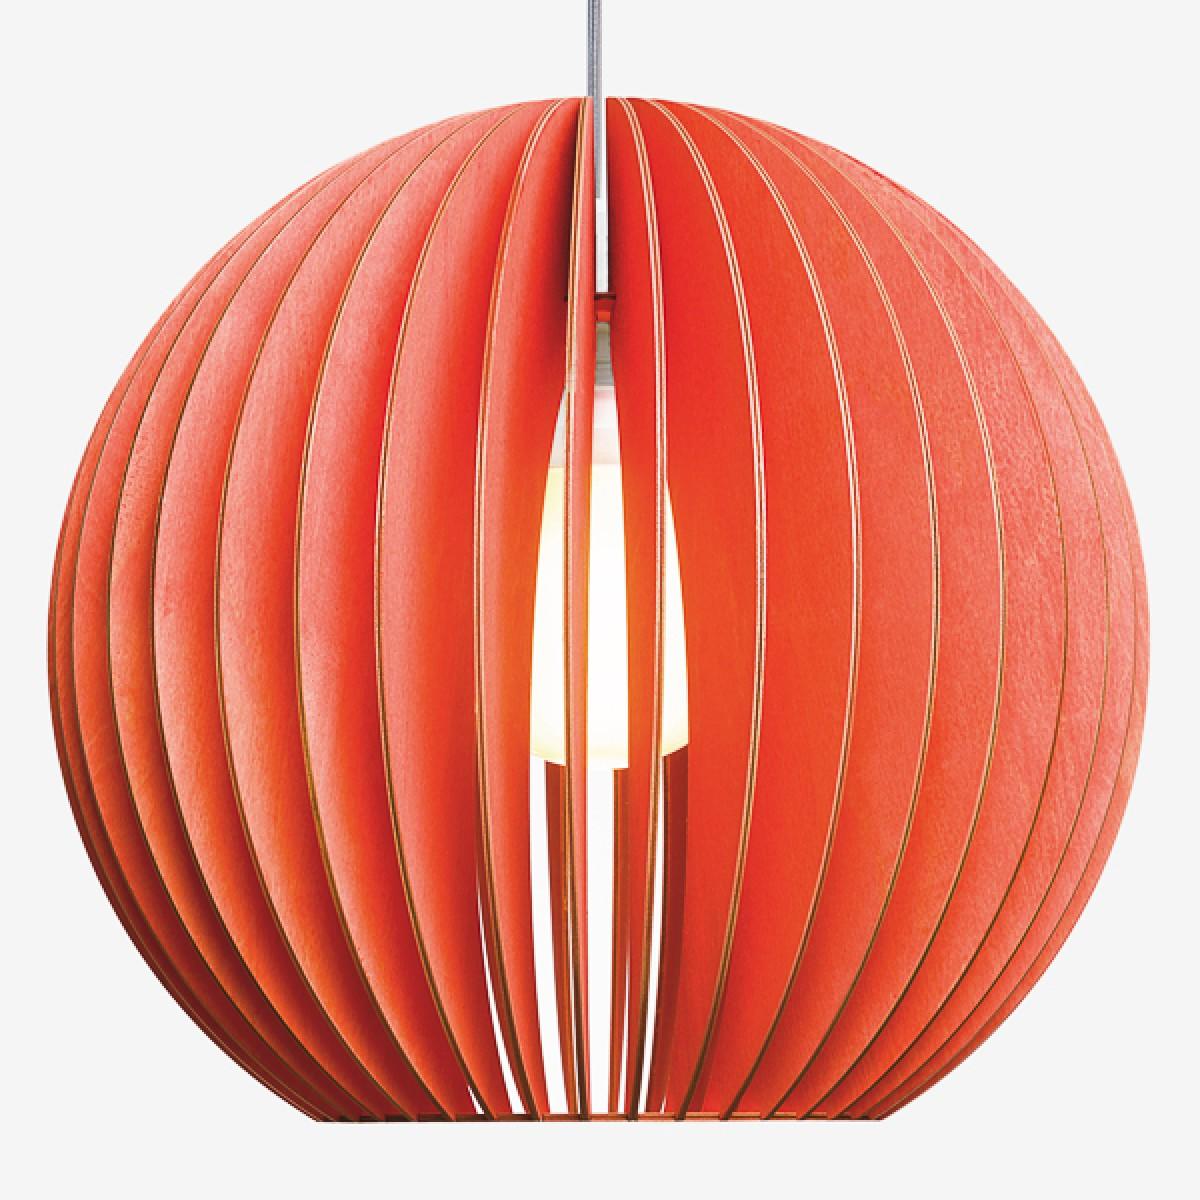 AION XL Pendelleuchte aus Holz (rot)